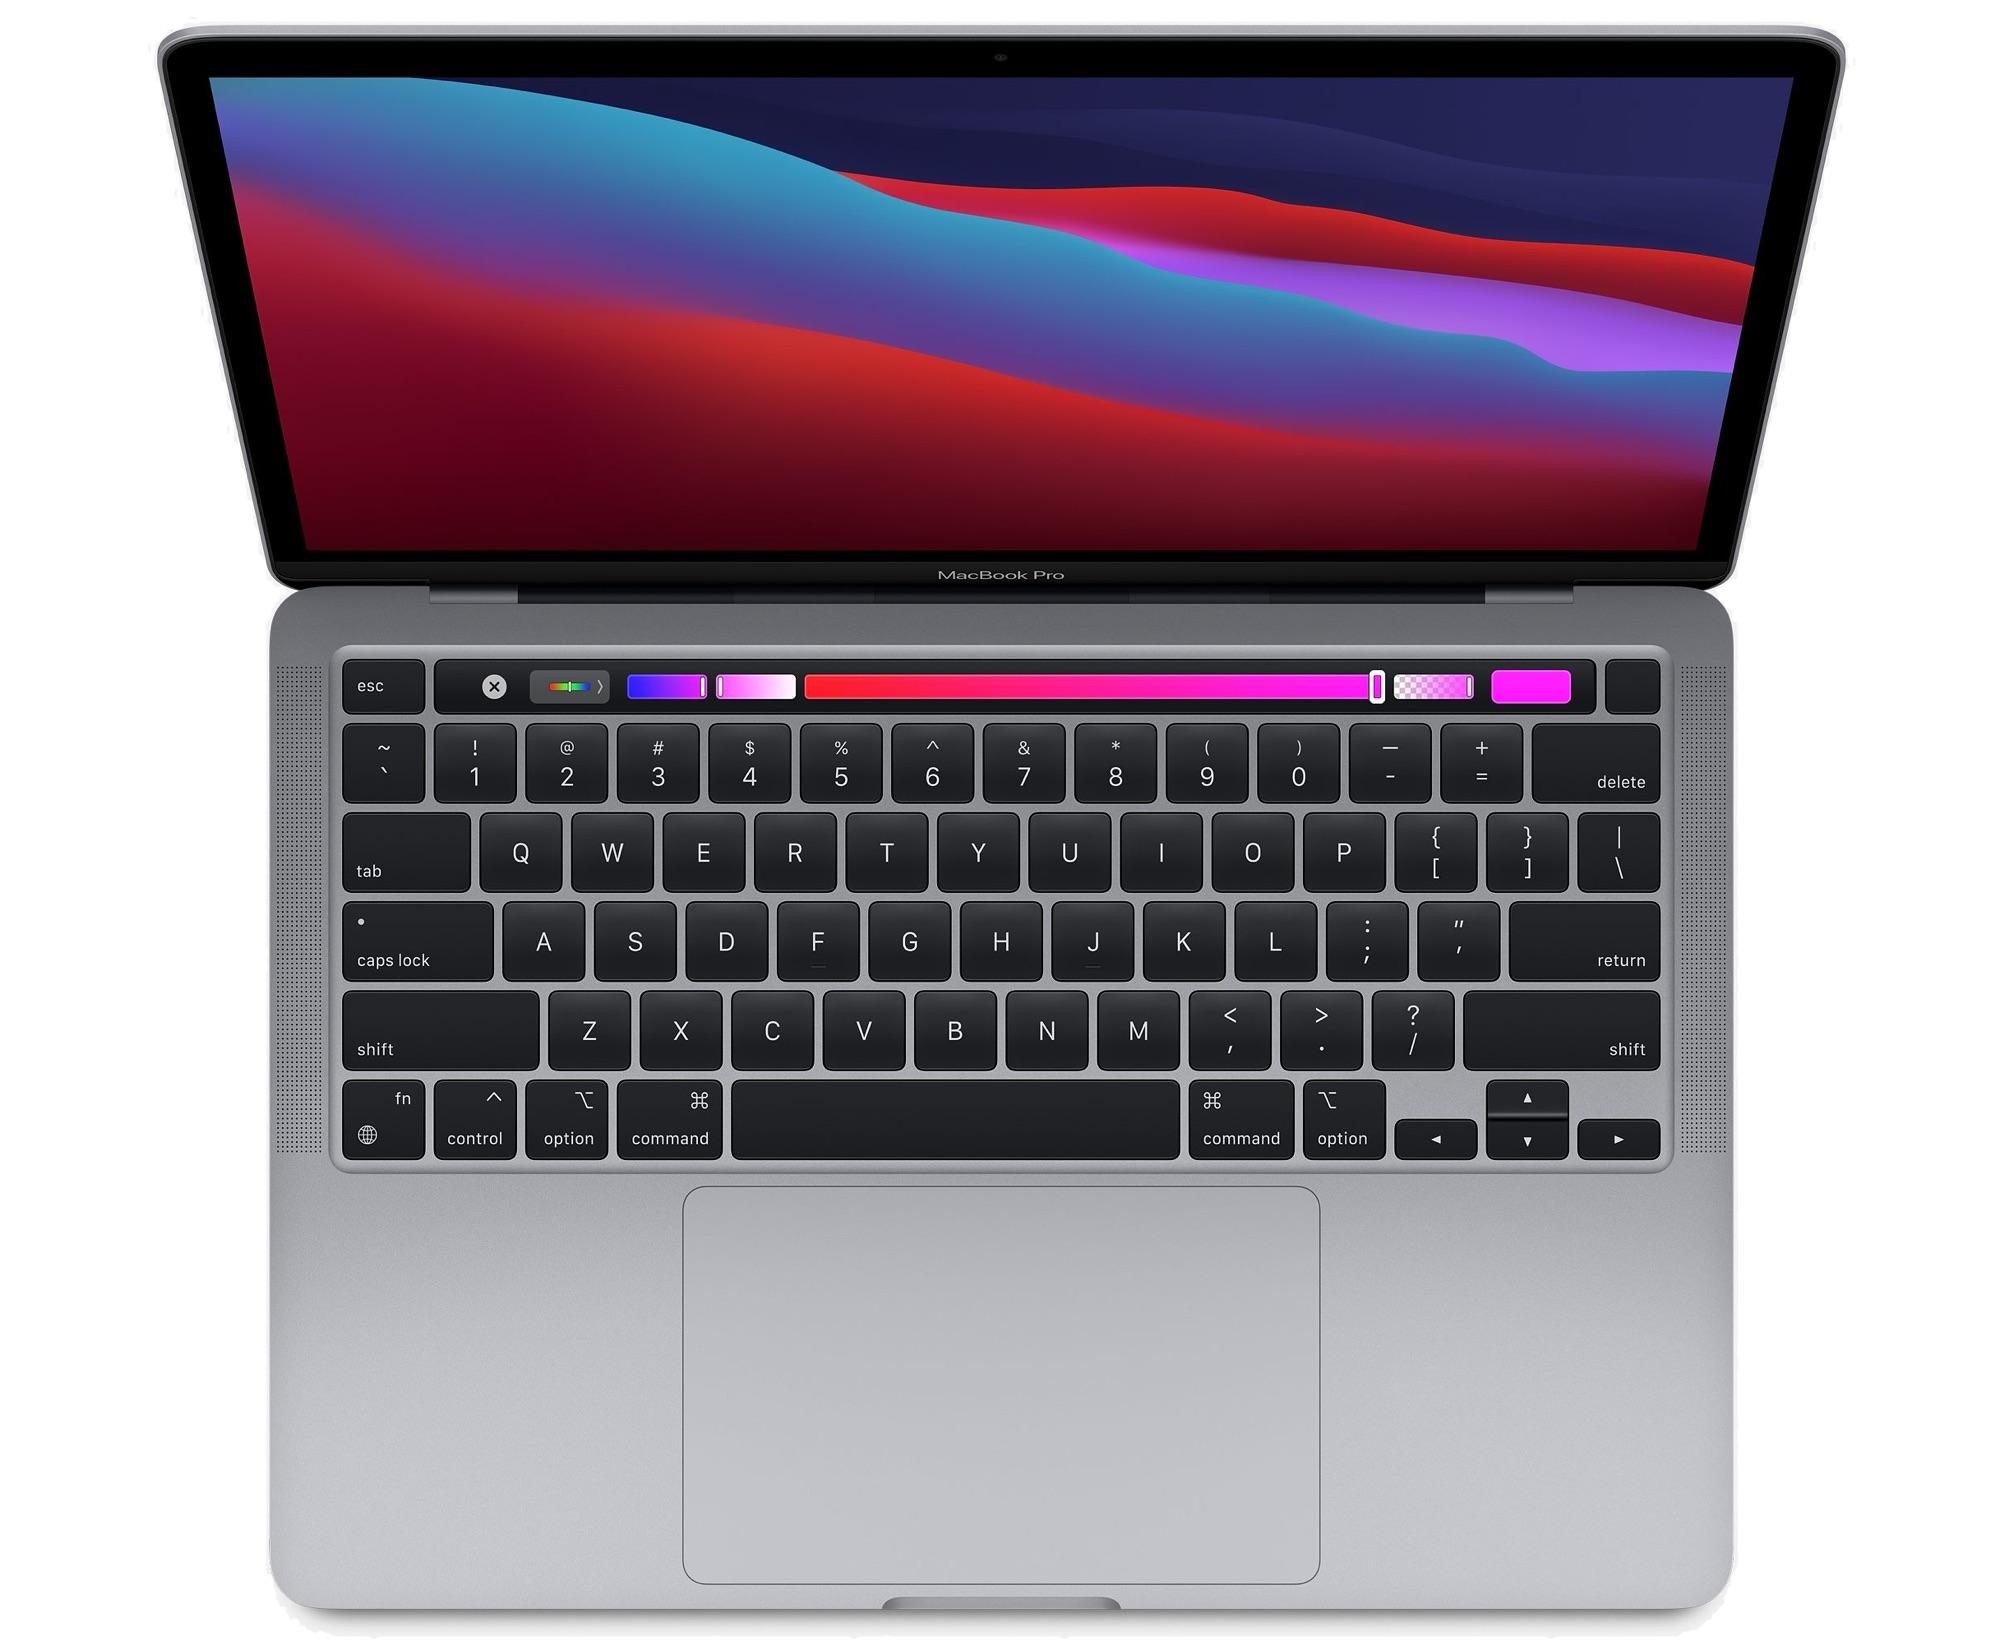 Apple Silicon M1 MacBook Pro Earns 7508 Multi-Core Score ...